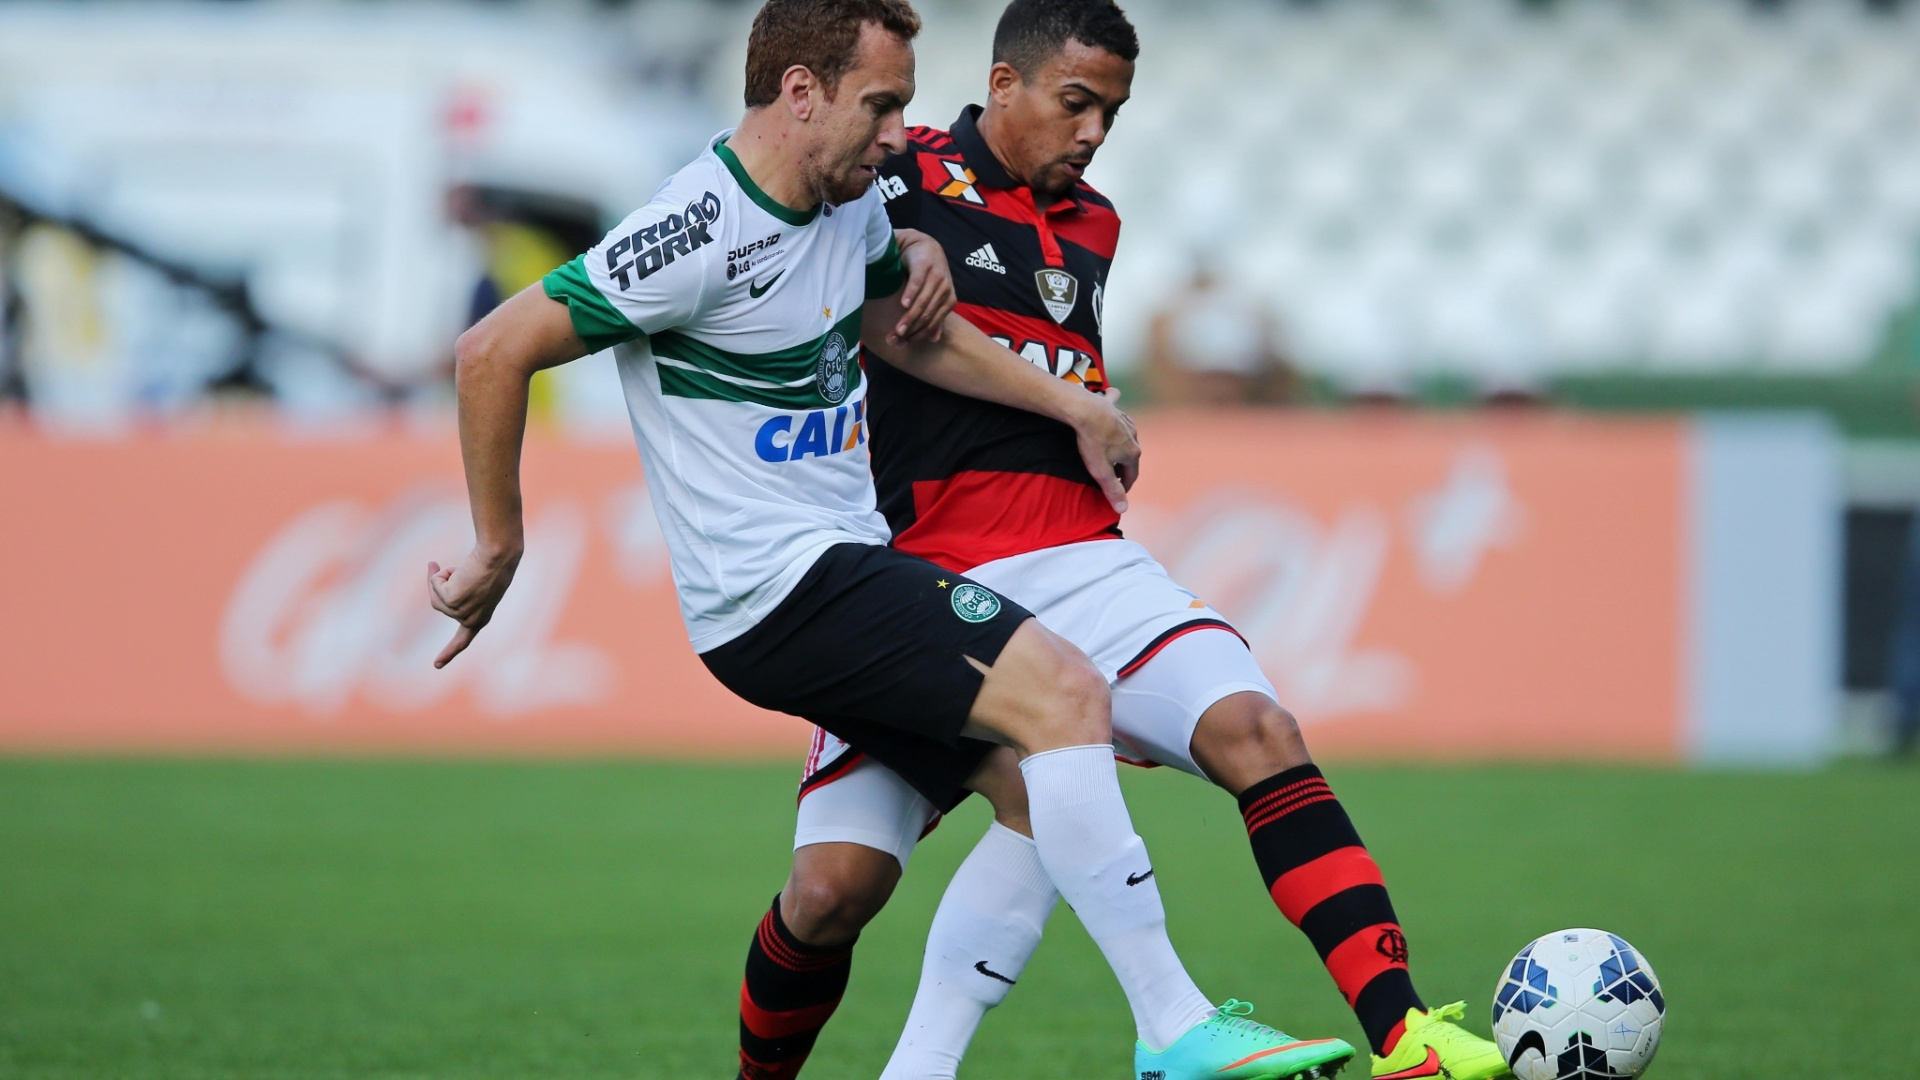 Zé Love (e), do Coritiba, disputa a bola com Recife, do Flamengo, durante jogo no Couto Pereira